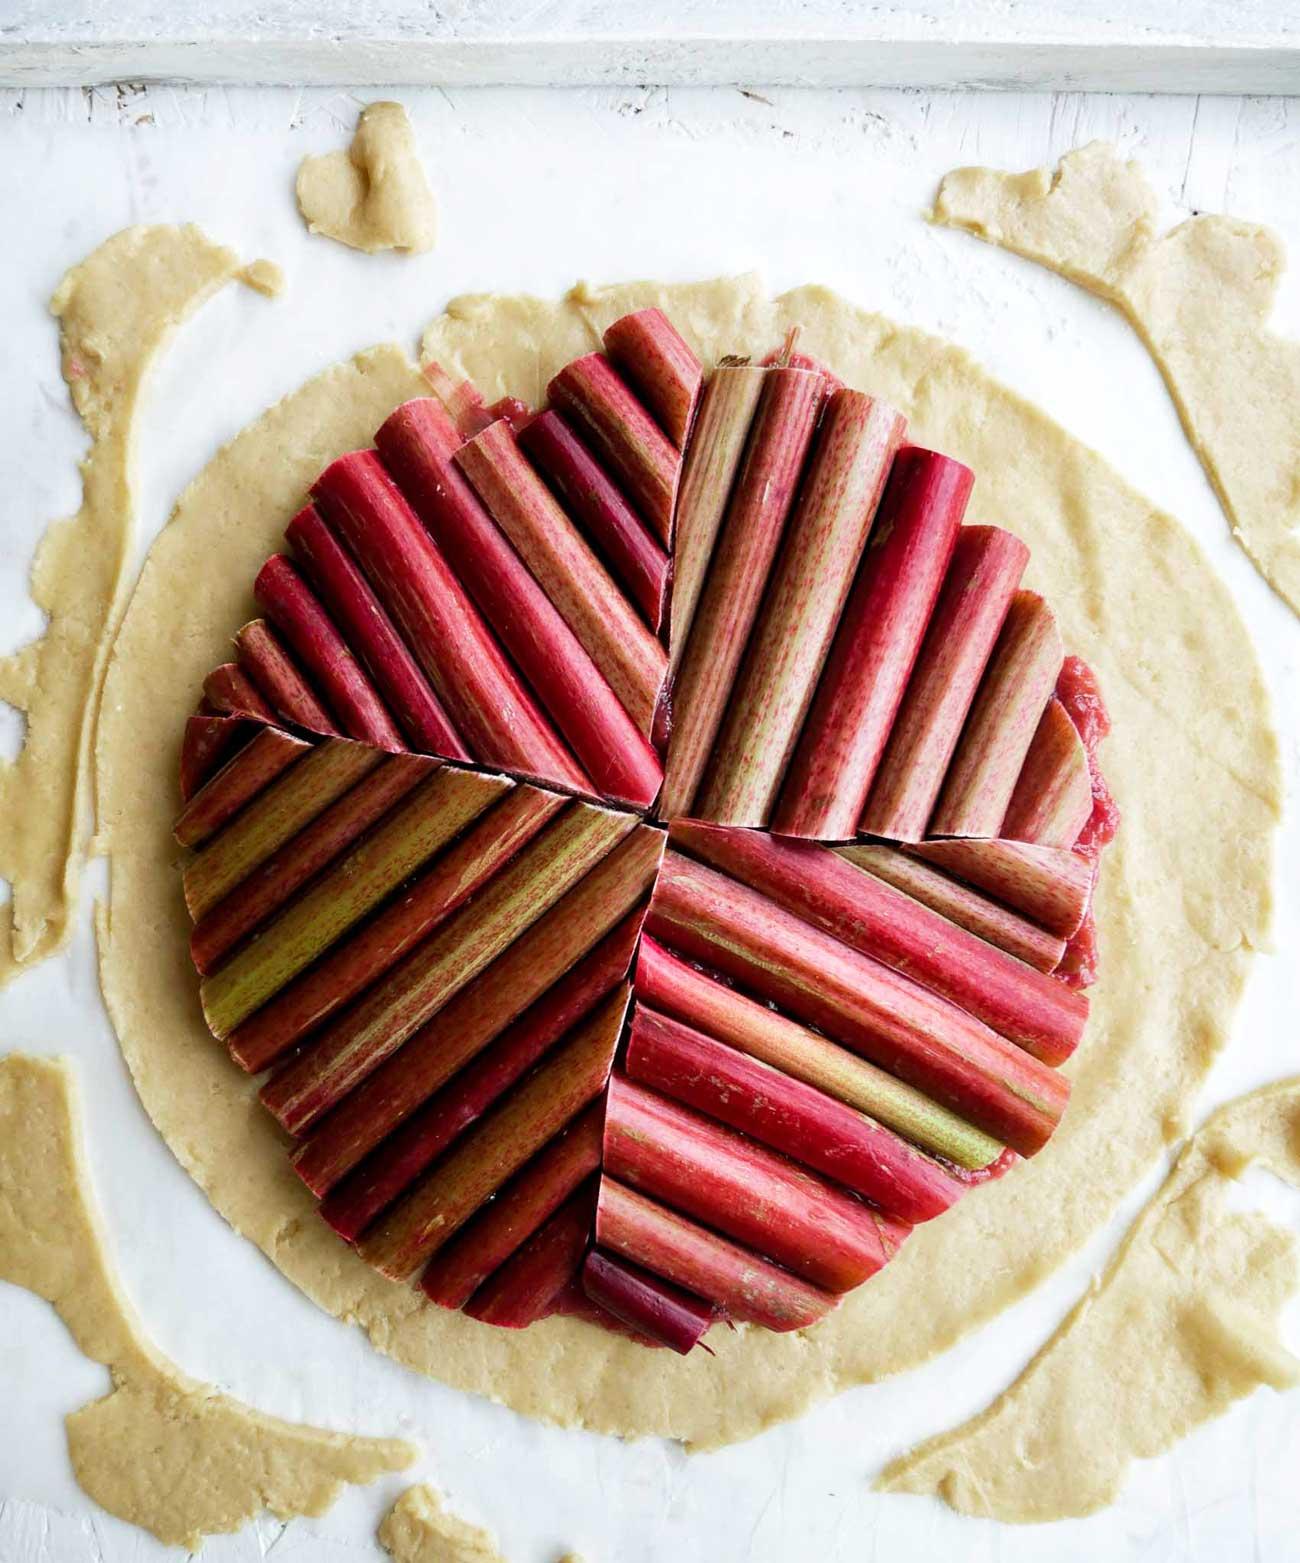 rabarber på tærte af mørdej